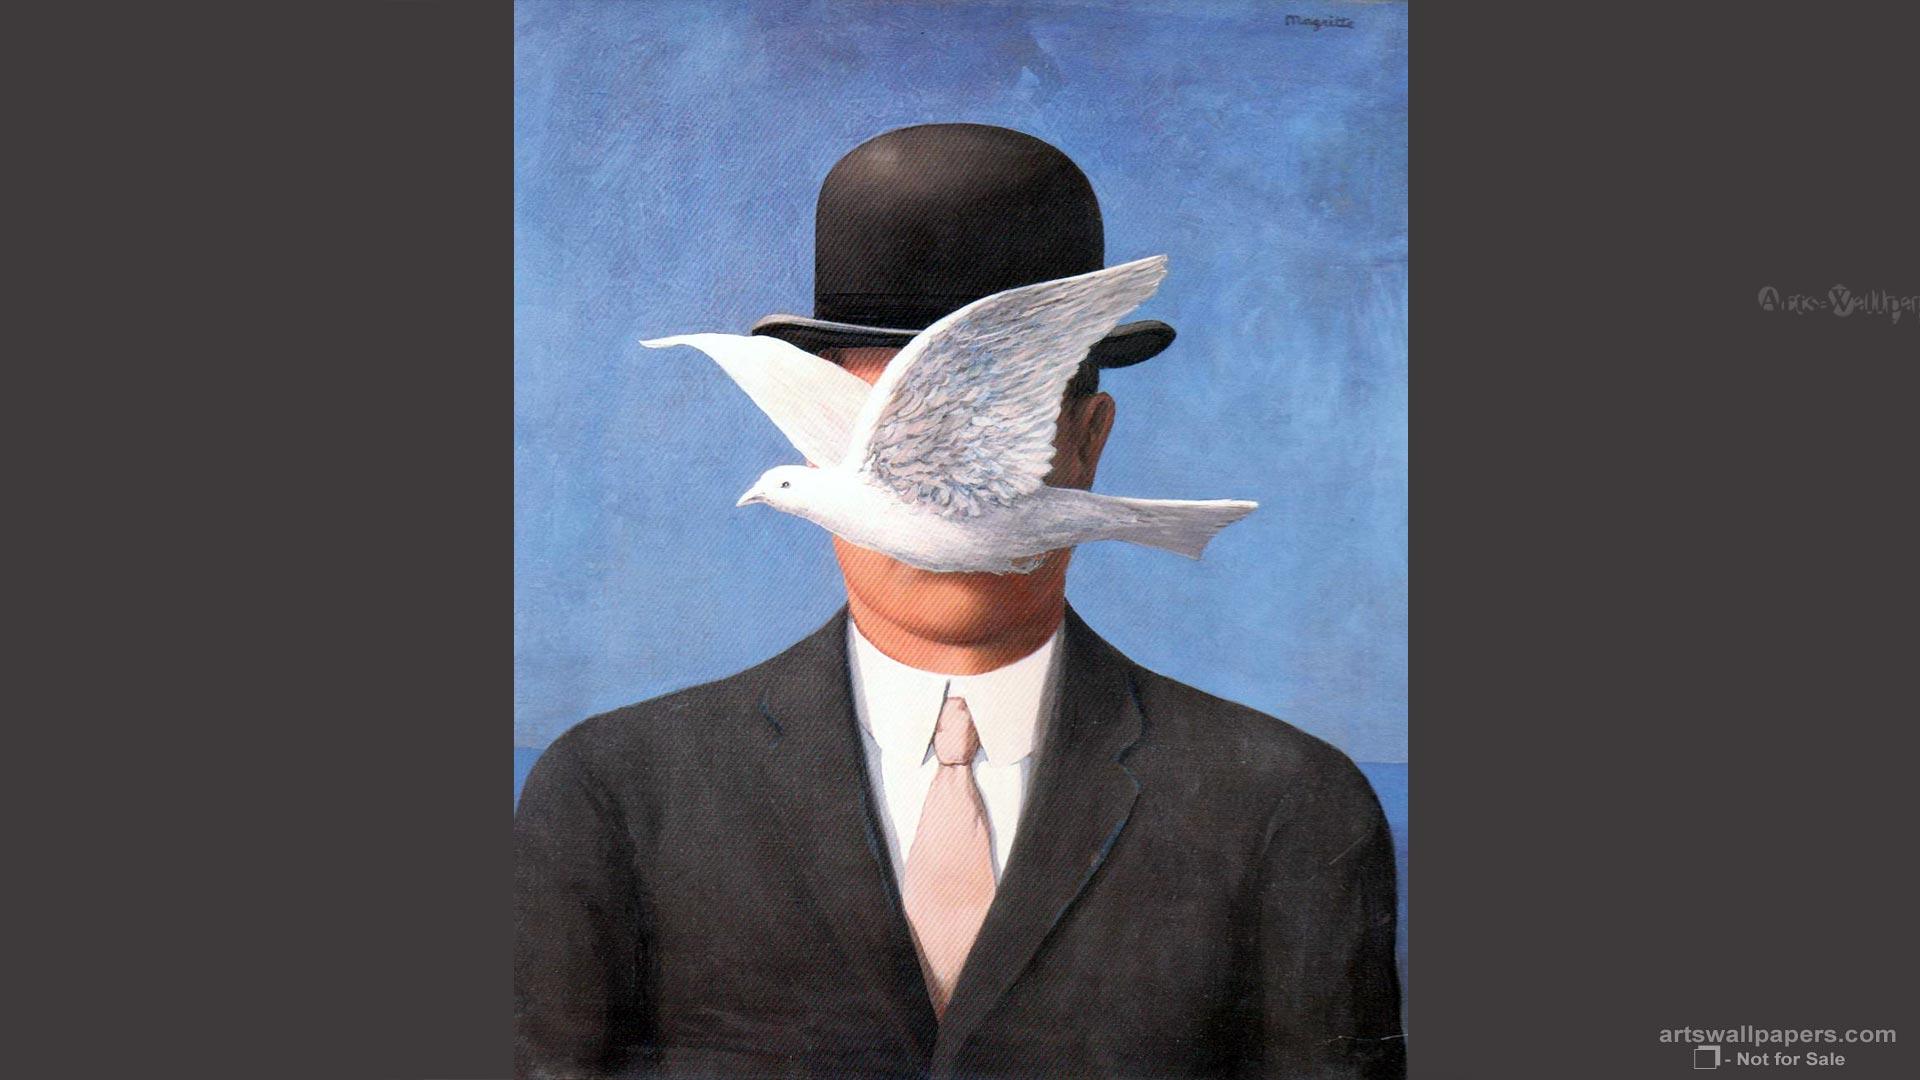 Rene Magritte Art Paintings Fine Wallpaper 19201080 Art Wallpaper 1920x1080